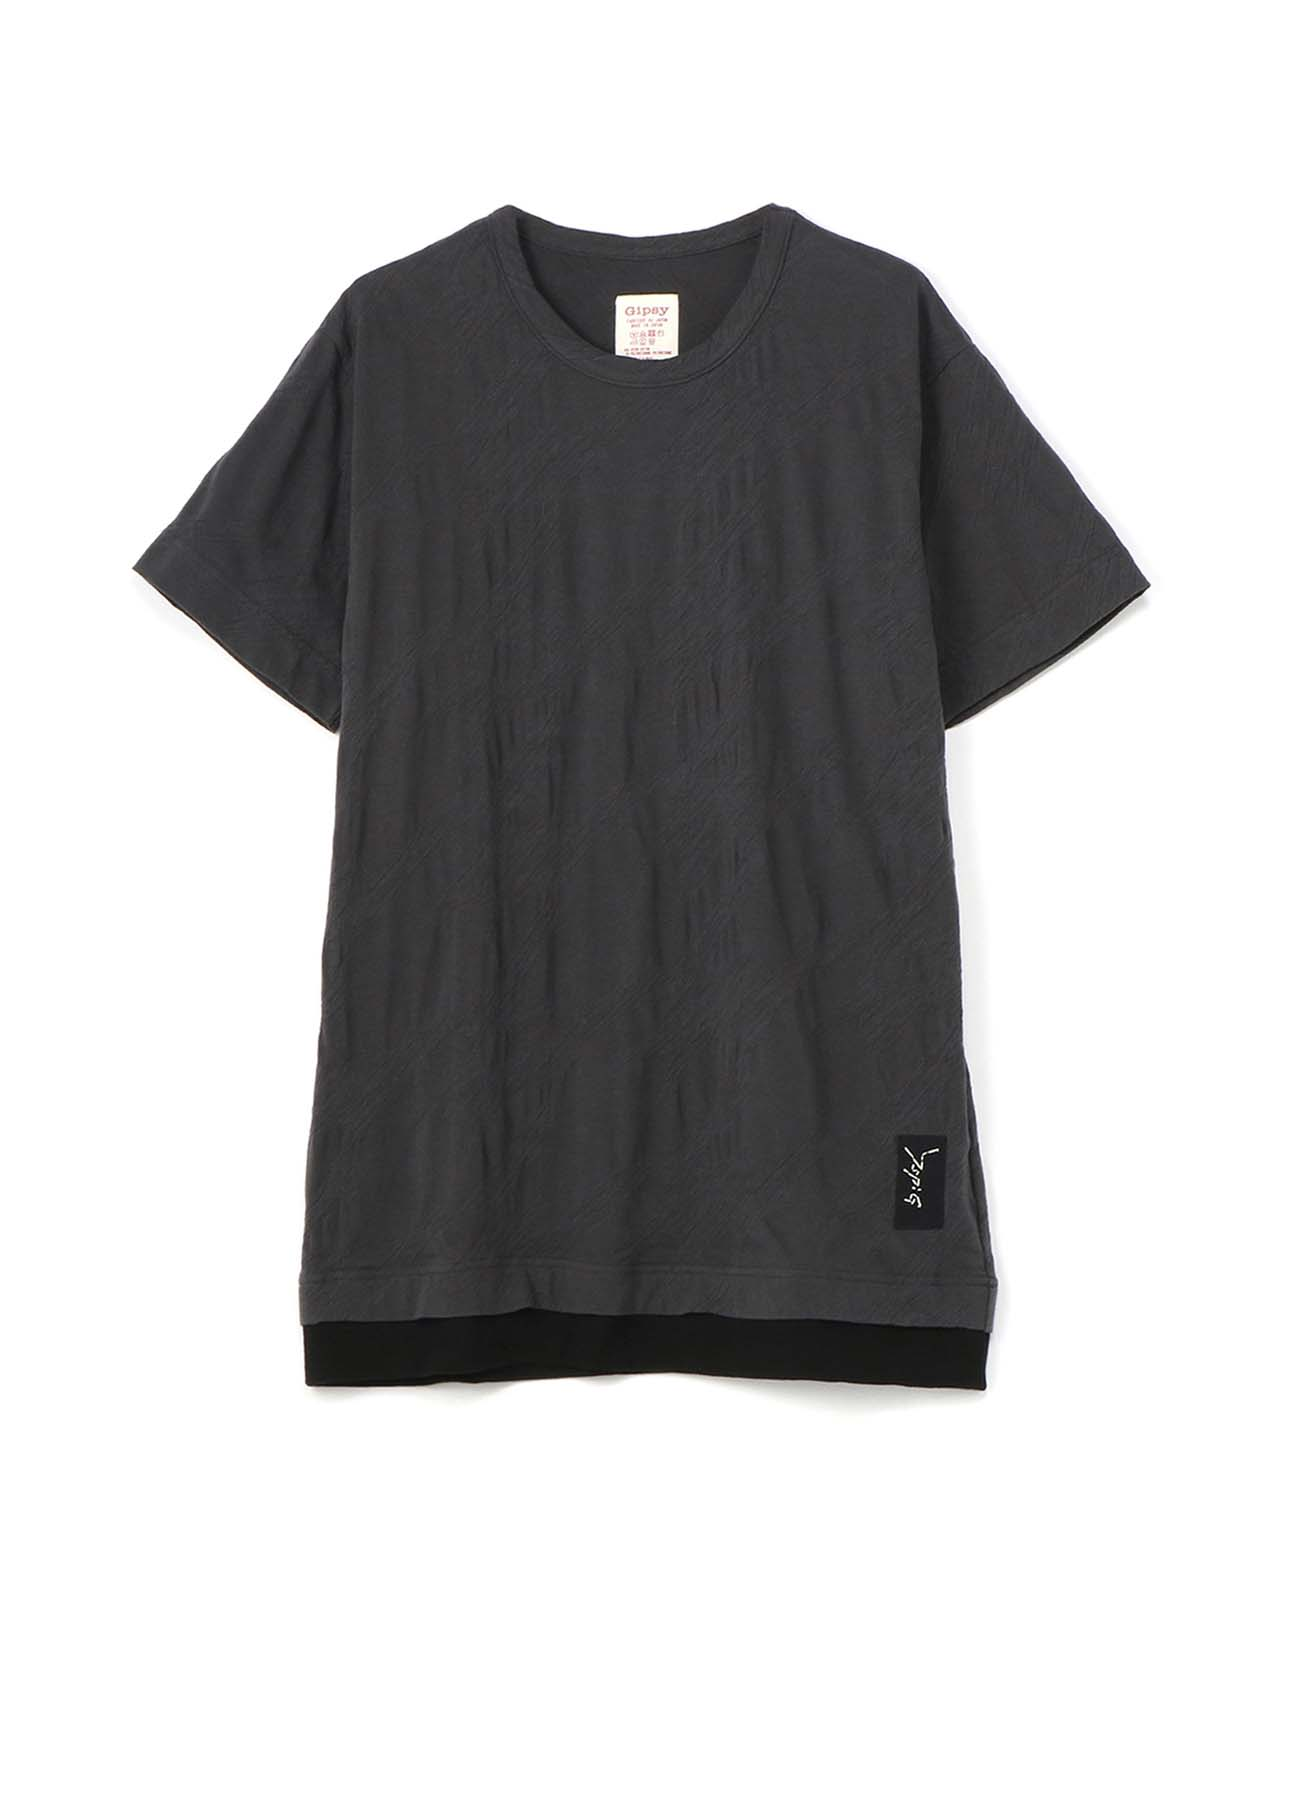 Gipsy 褶皱短袖宽松T恤